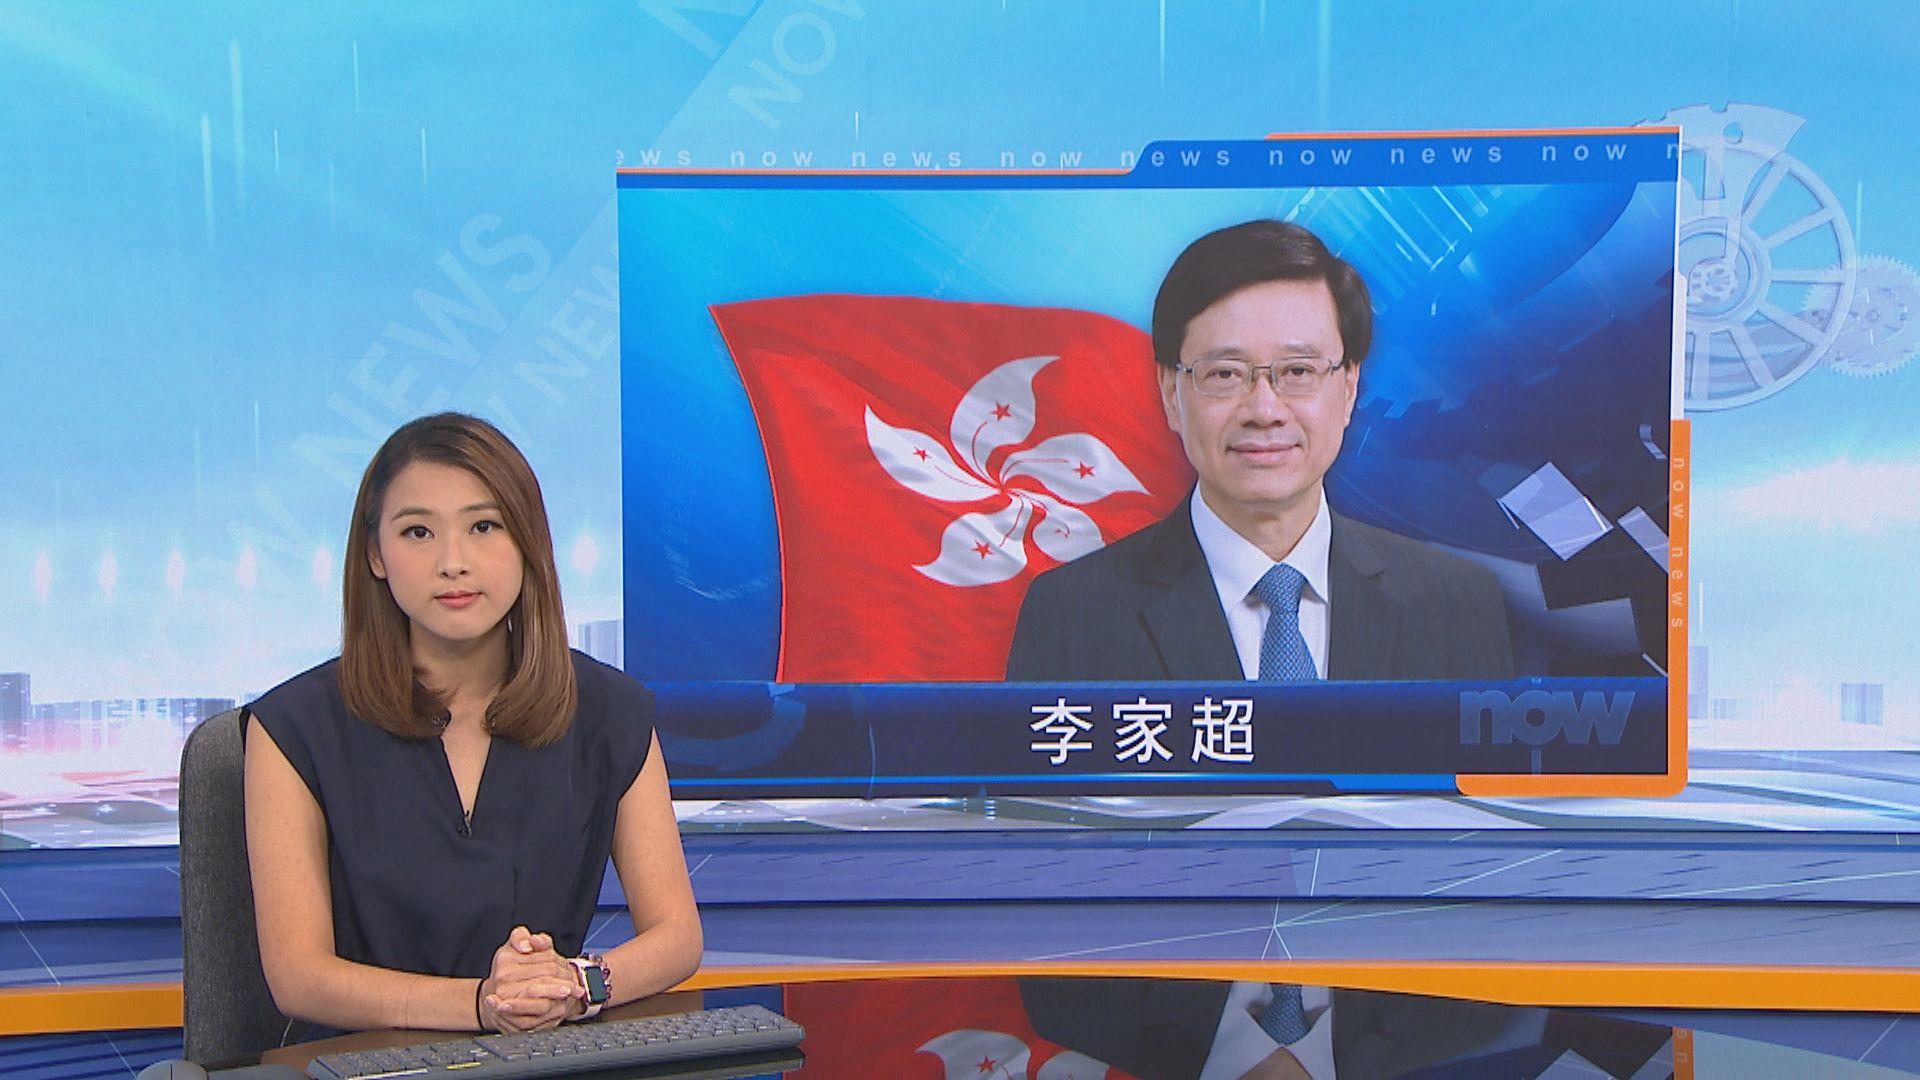 李家超促台灣讓陳同佳自首 否則須負全責